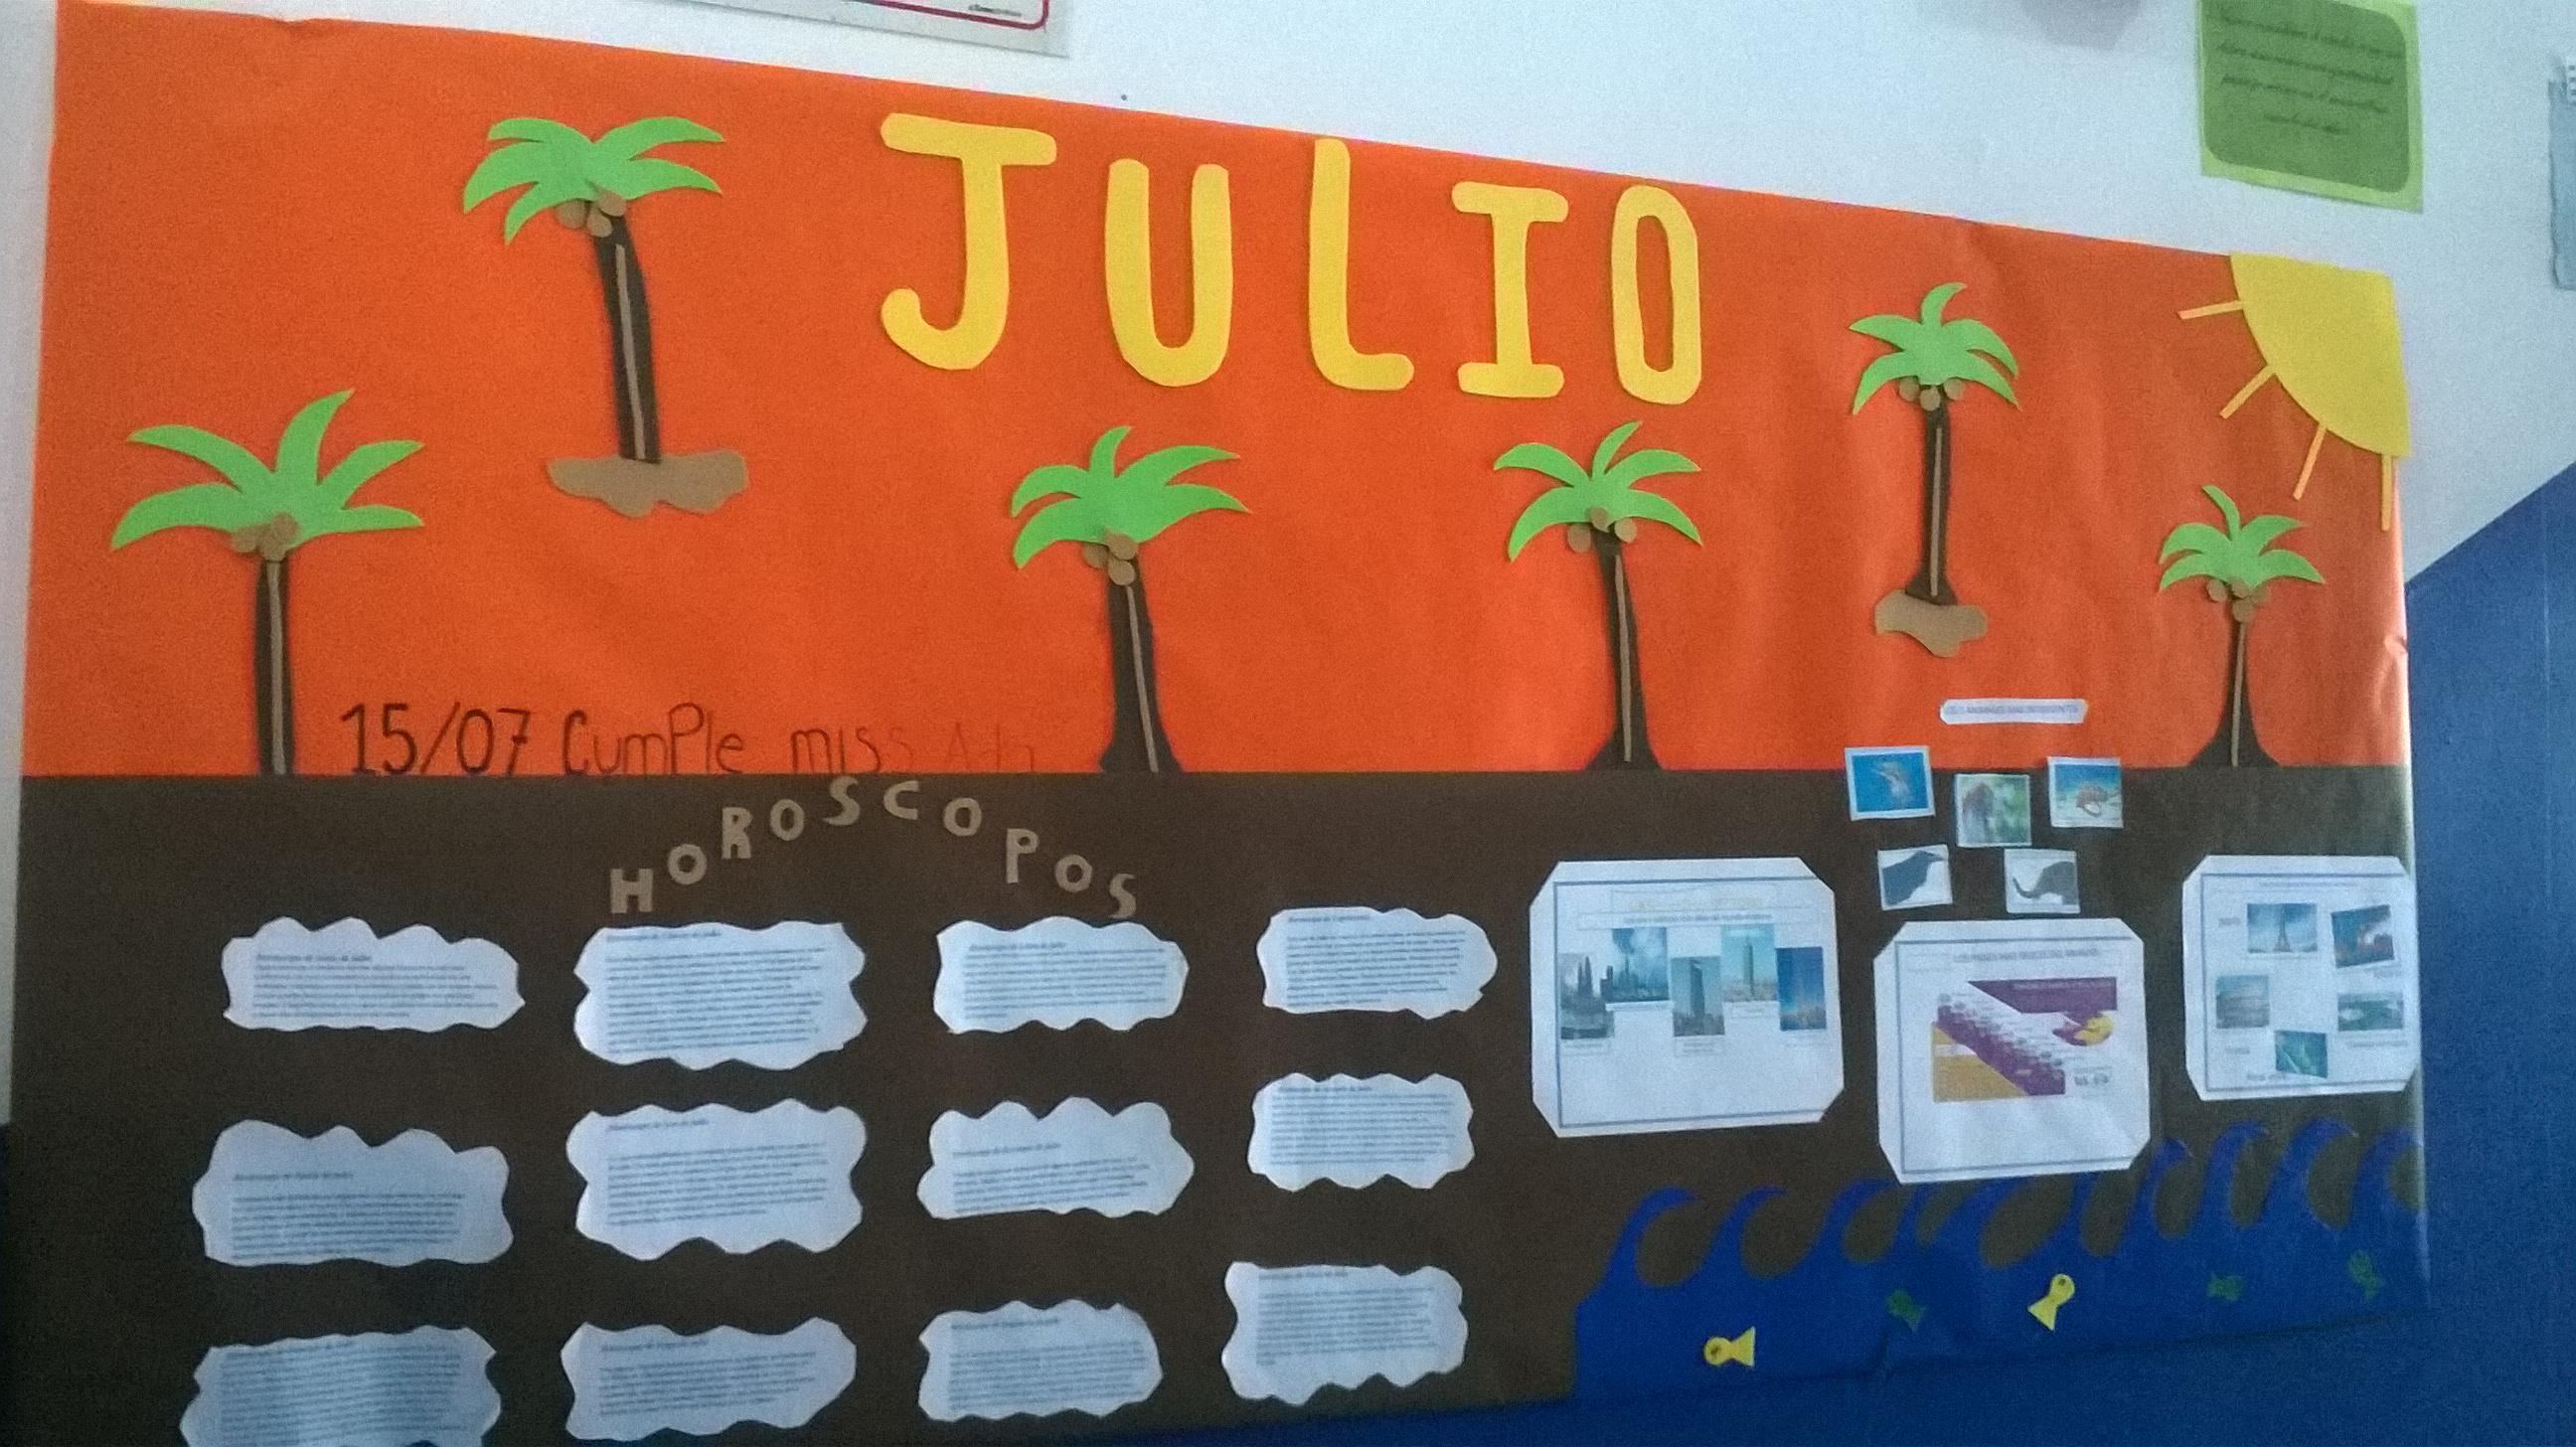 Peri dico mural de junio 2 imagenes educativas for Deportes para el periodico mural